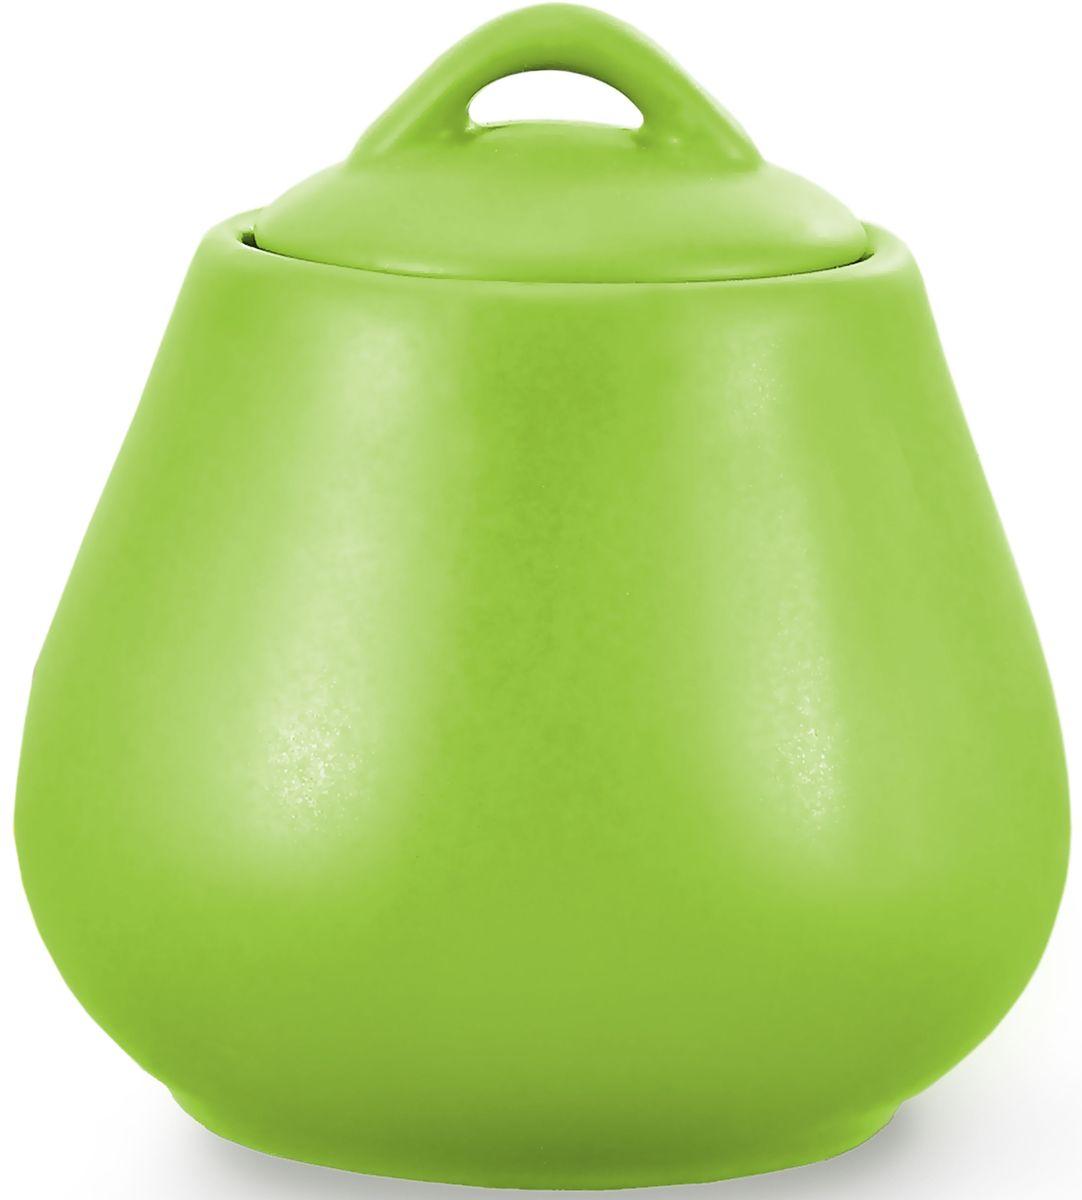 Сахарница Fissman, цвет: зеленый, 600 мл. 9332SB-9332.600Сахарница Fissman выполнена из высококачественной керамики. Изделие имеет элегантную форму и закрывается крышкой.Сахарница Fissman станет отличным дополнением к сервировке семейного стола и замечательным подарком для ваших родных и друзей.Можно мыть в посудомоечной машине и использовать в микроволновой печи.